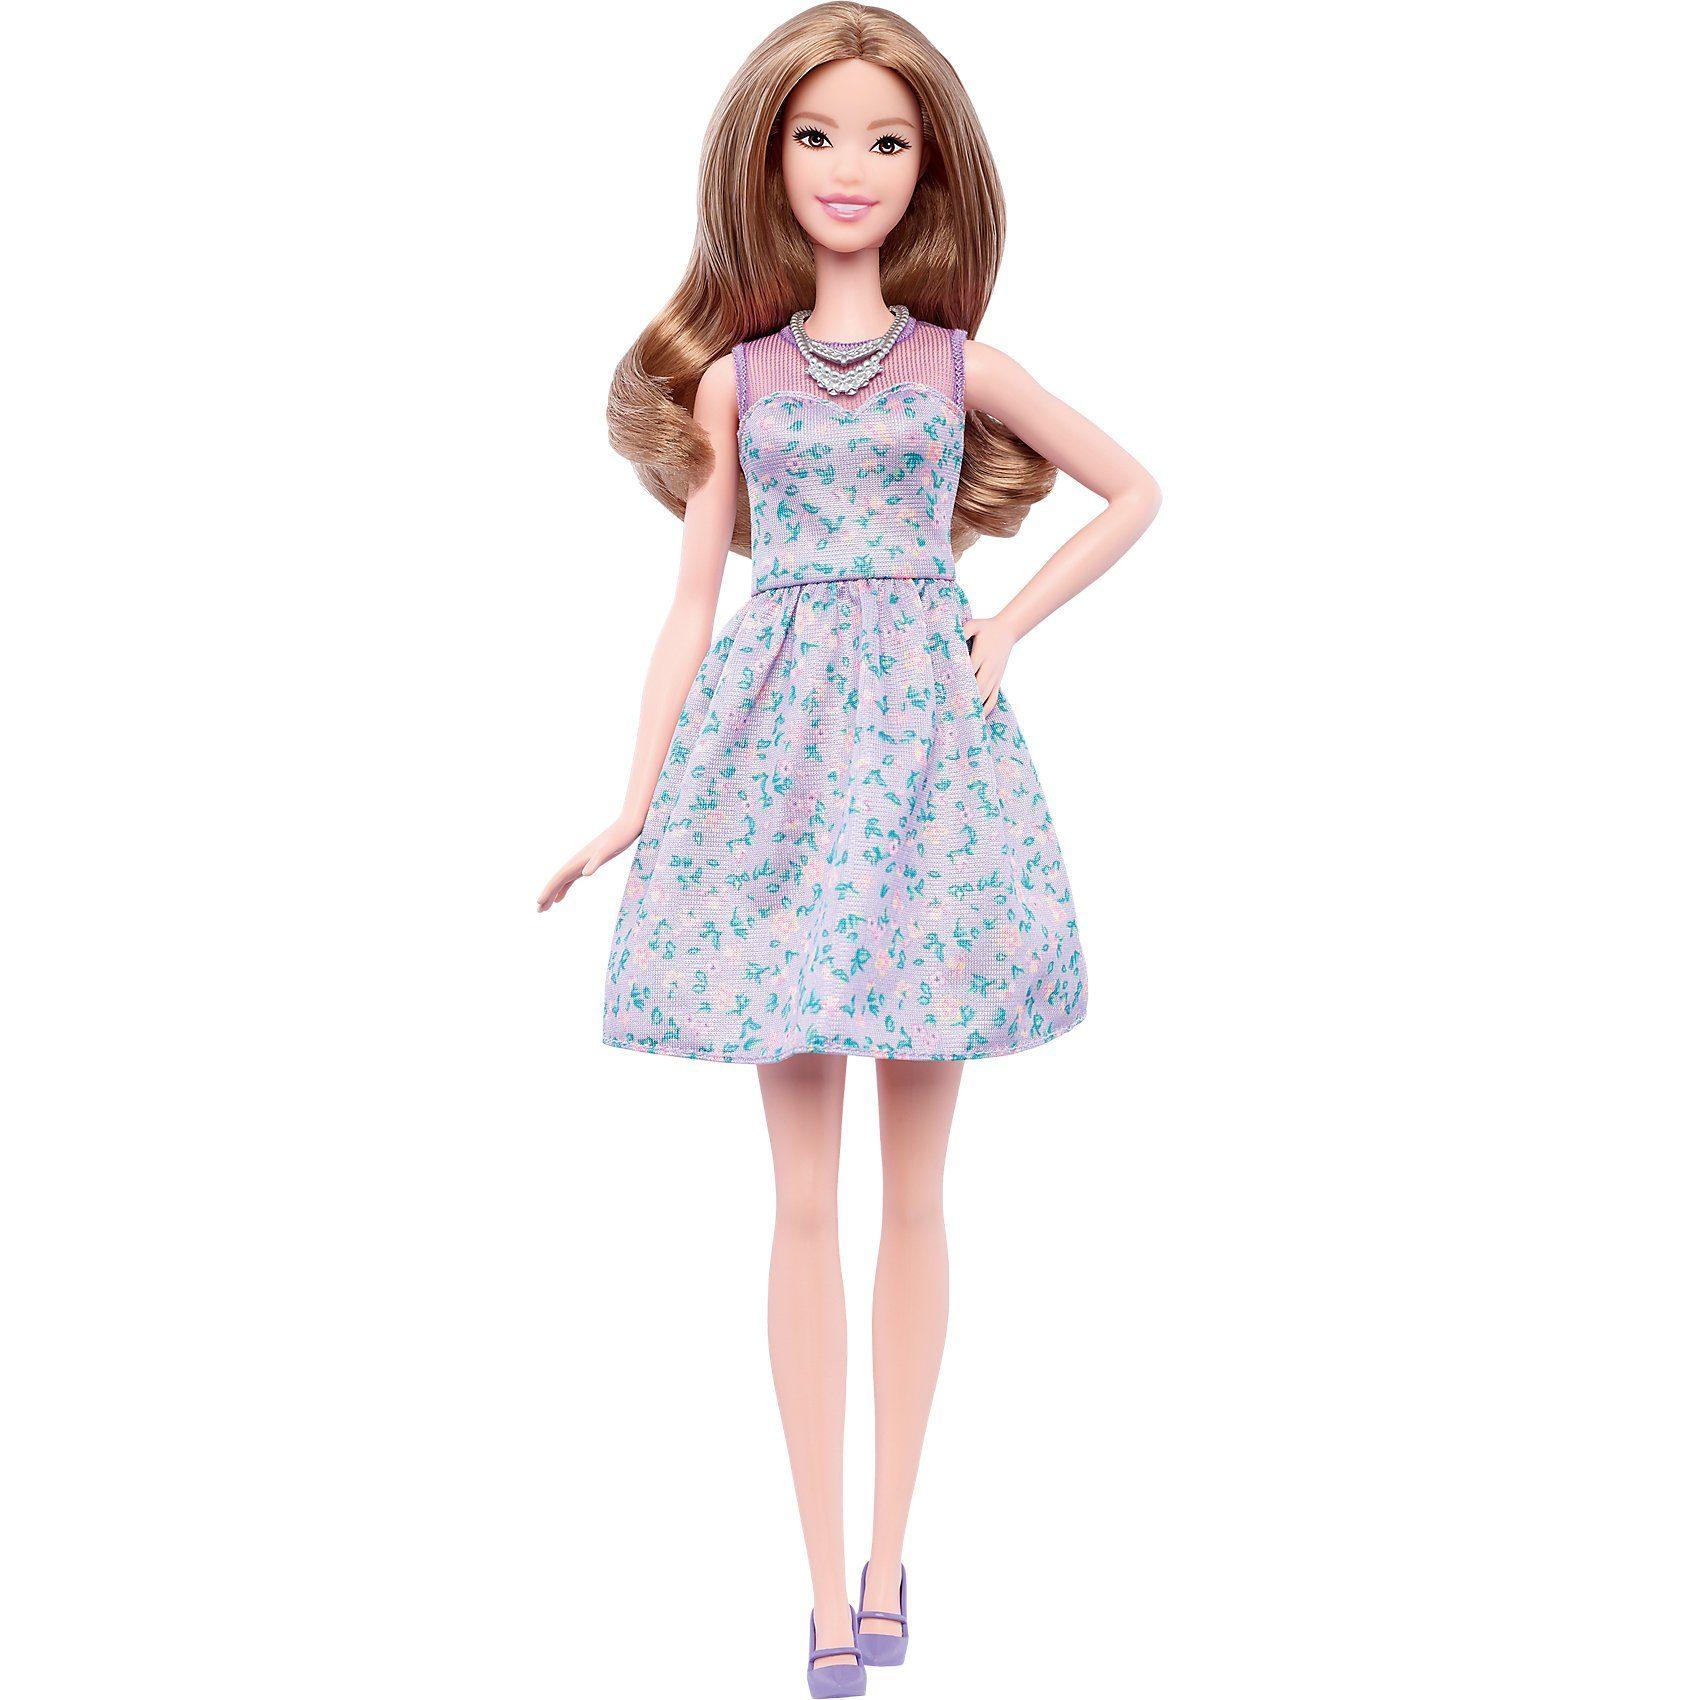 Mattel Barbie Fashionistas Puppe im helllilafarbenen Kleid